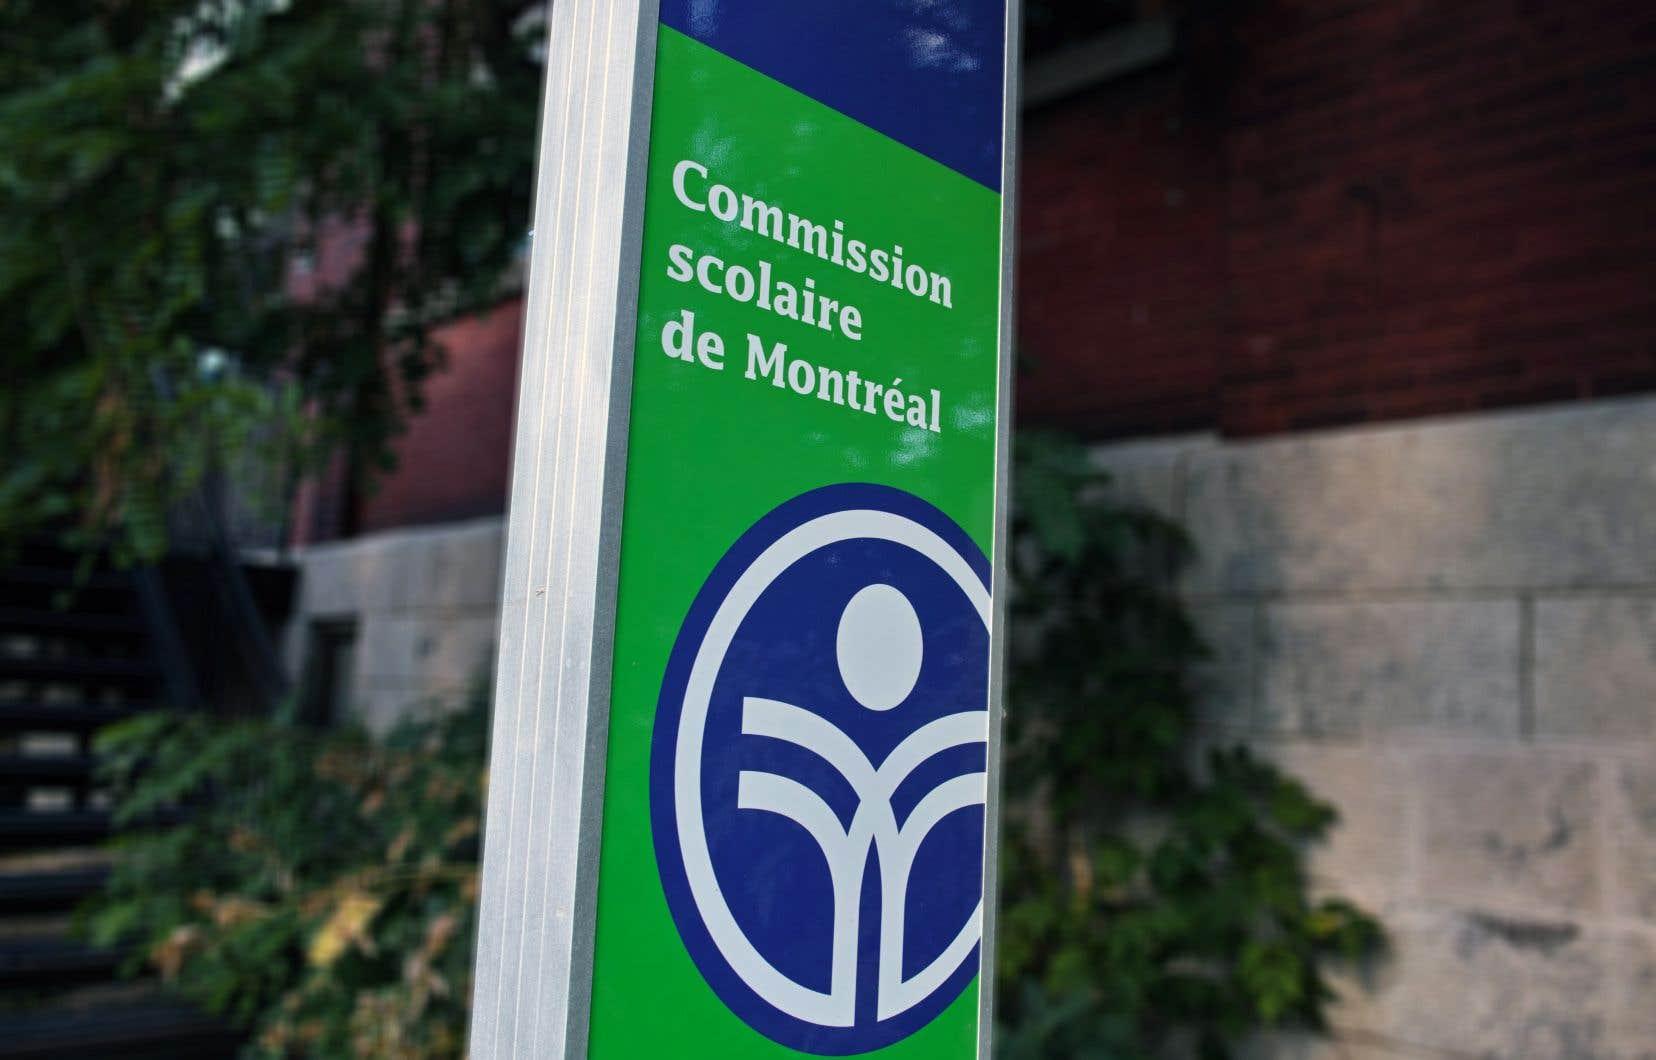 La Commission scolaire, qui a communiqué sa décision vendredi dernier au ministère et à ses écoles, a assuré que reporter une épreuve de production écrite en français pour les élèves du primaire ne pose pas problème.